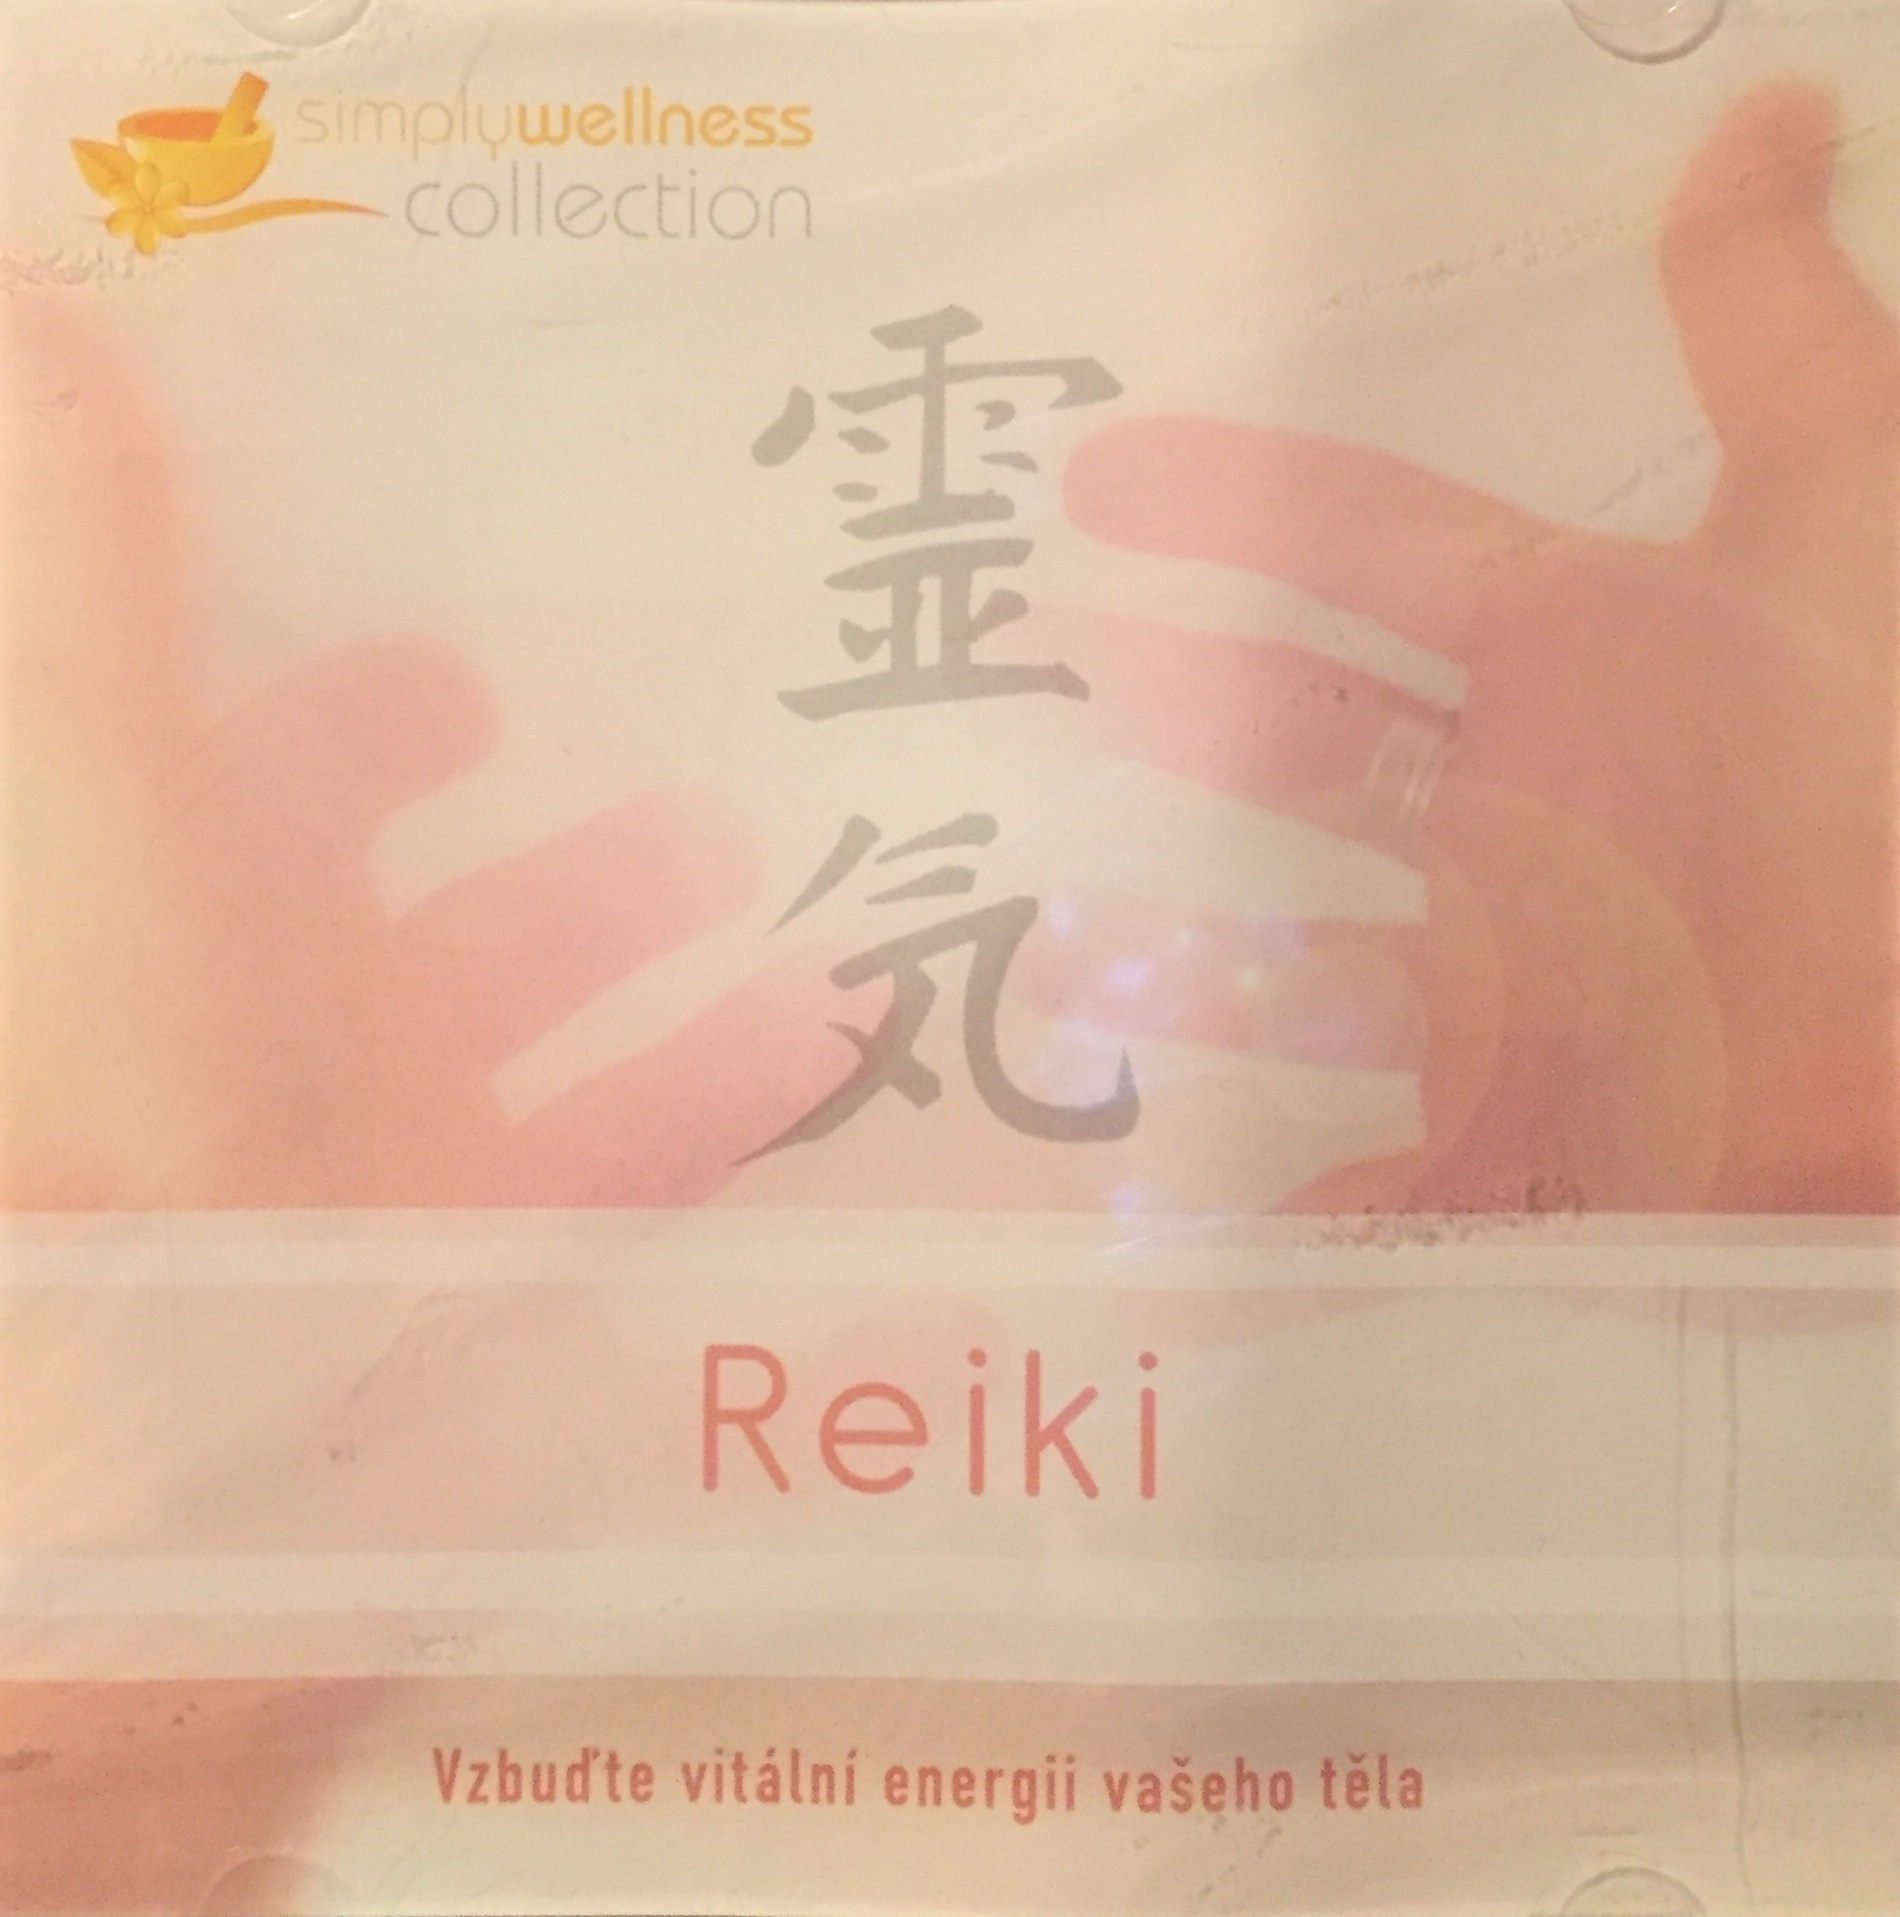 Reiki - Vzbuďte vitální energii vašeho těla - CD /plast/